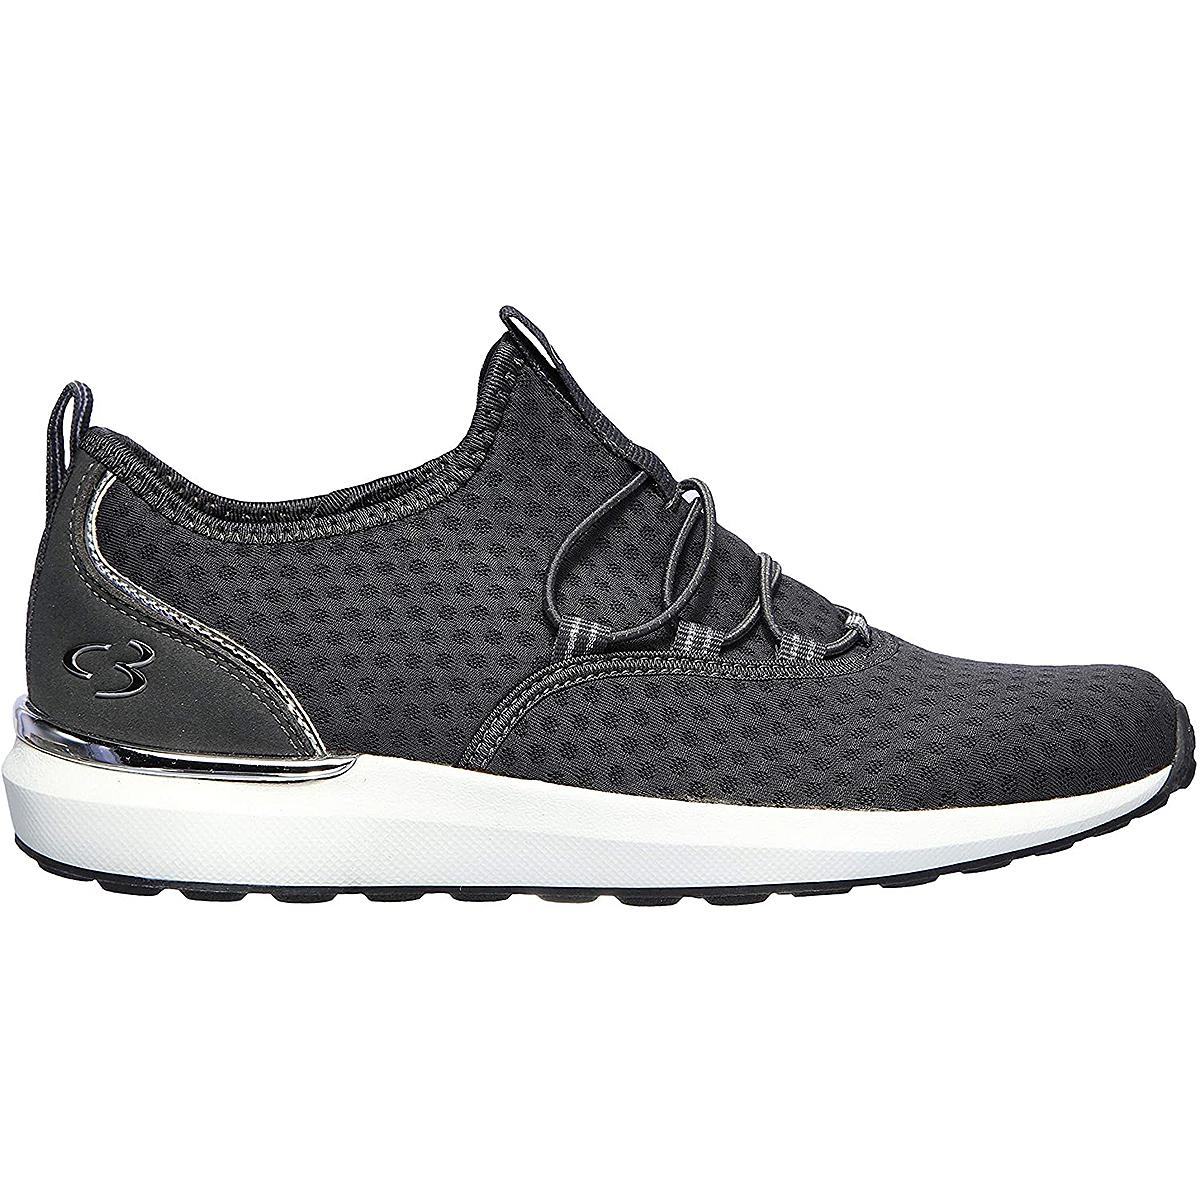 Concept 3 by Skechers Women's Alexxi Fashion Slip-On Sneaker